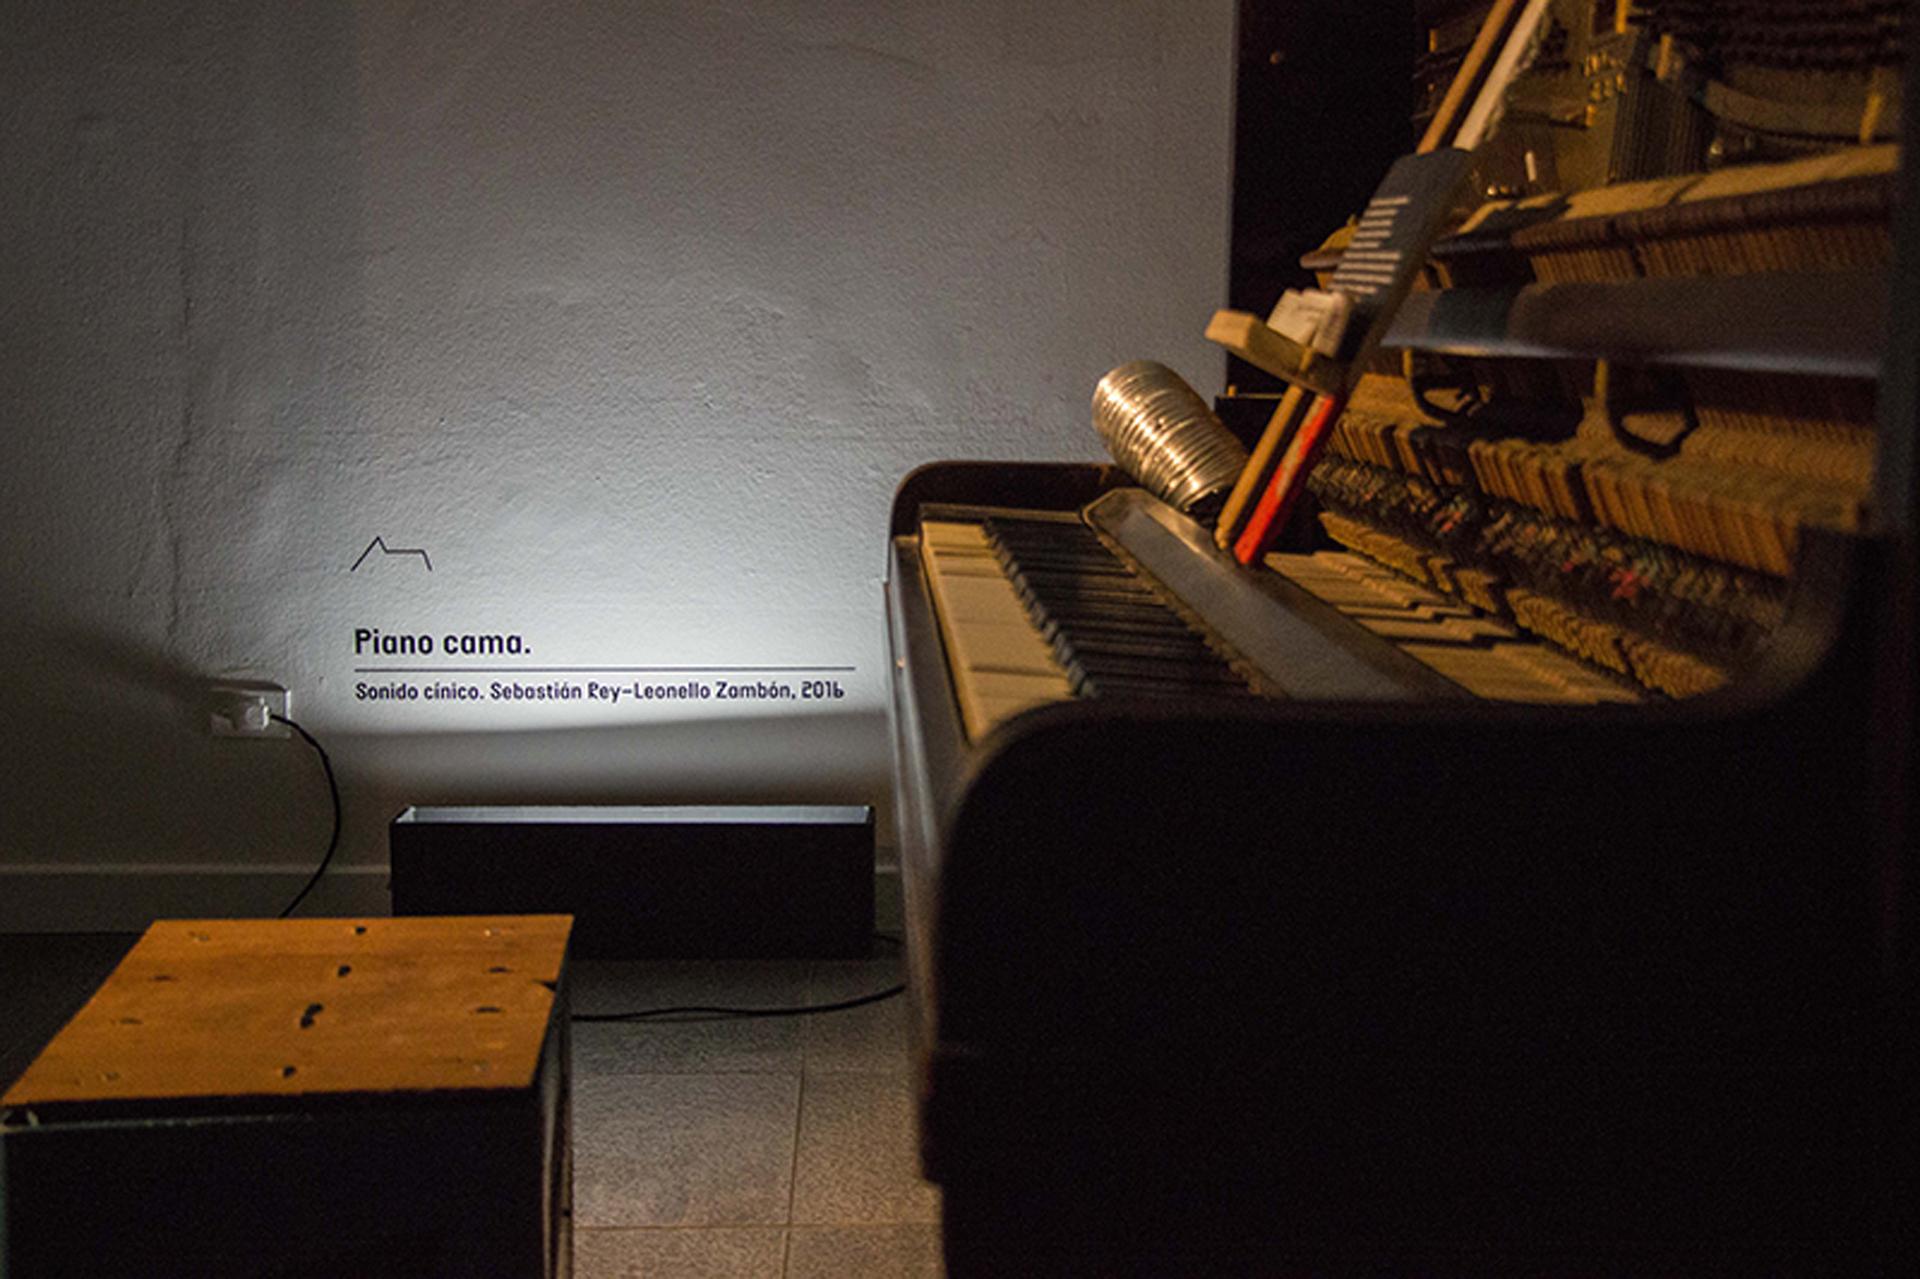 CASo. Centro de Arte Sonoro de la CNB Contemporánea